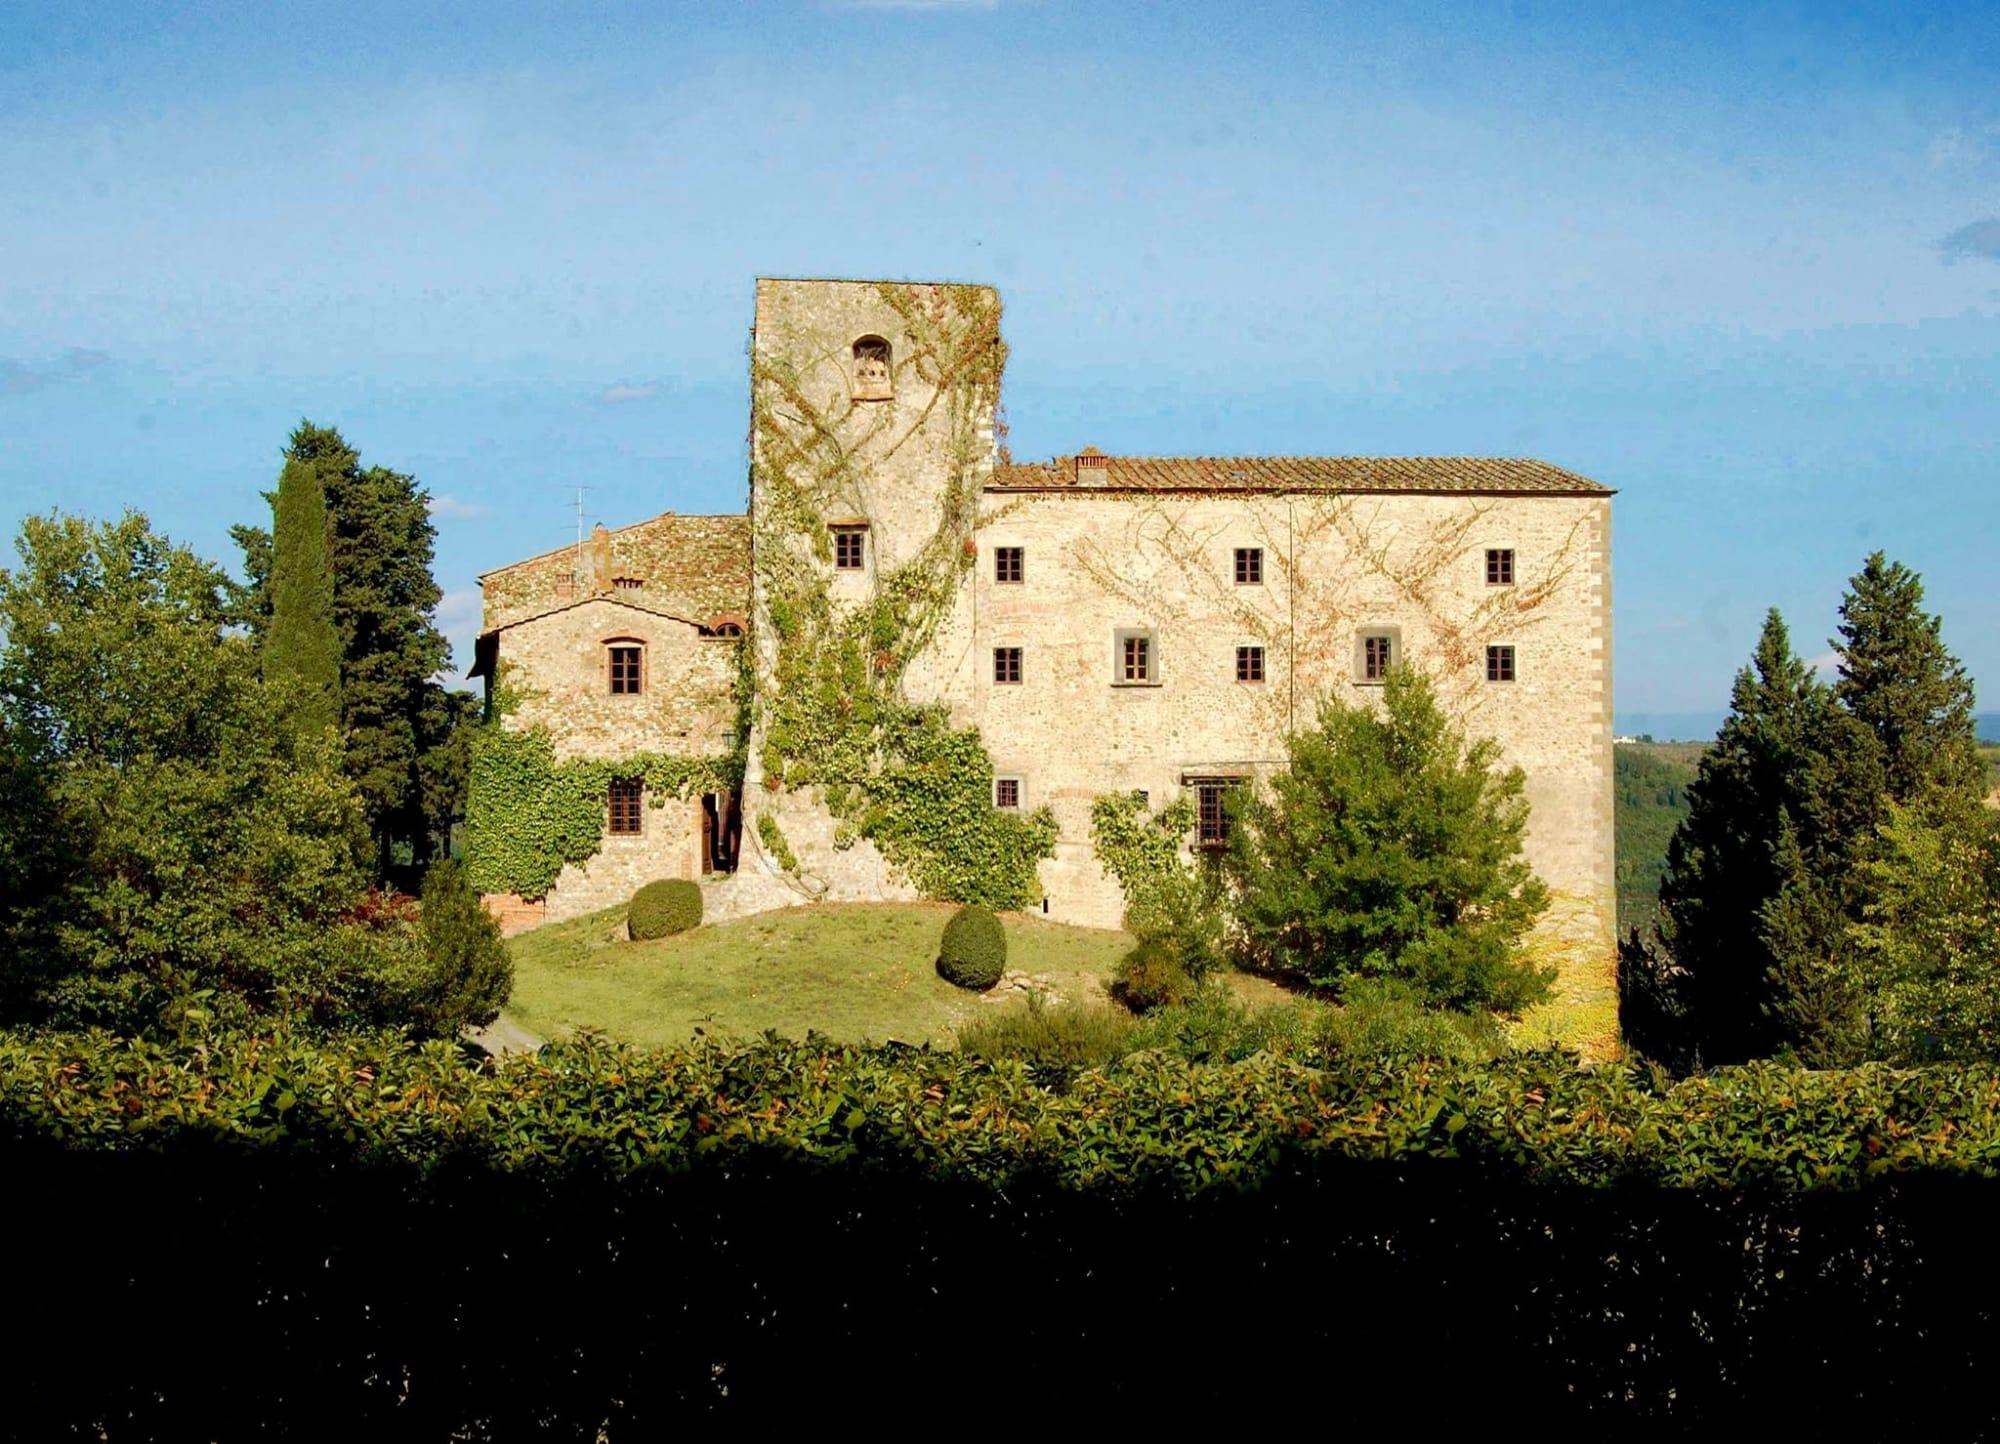 Castello di Pergolato Chianti Tuscany